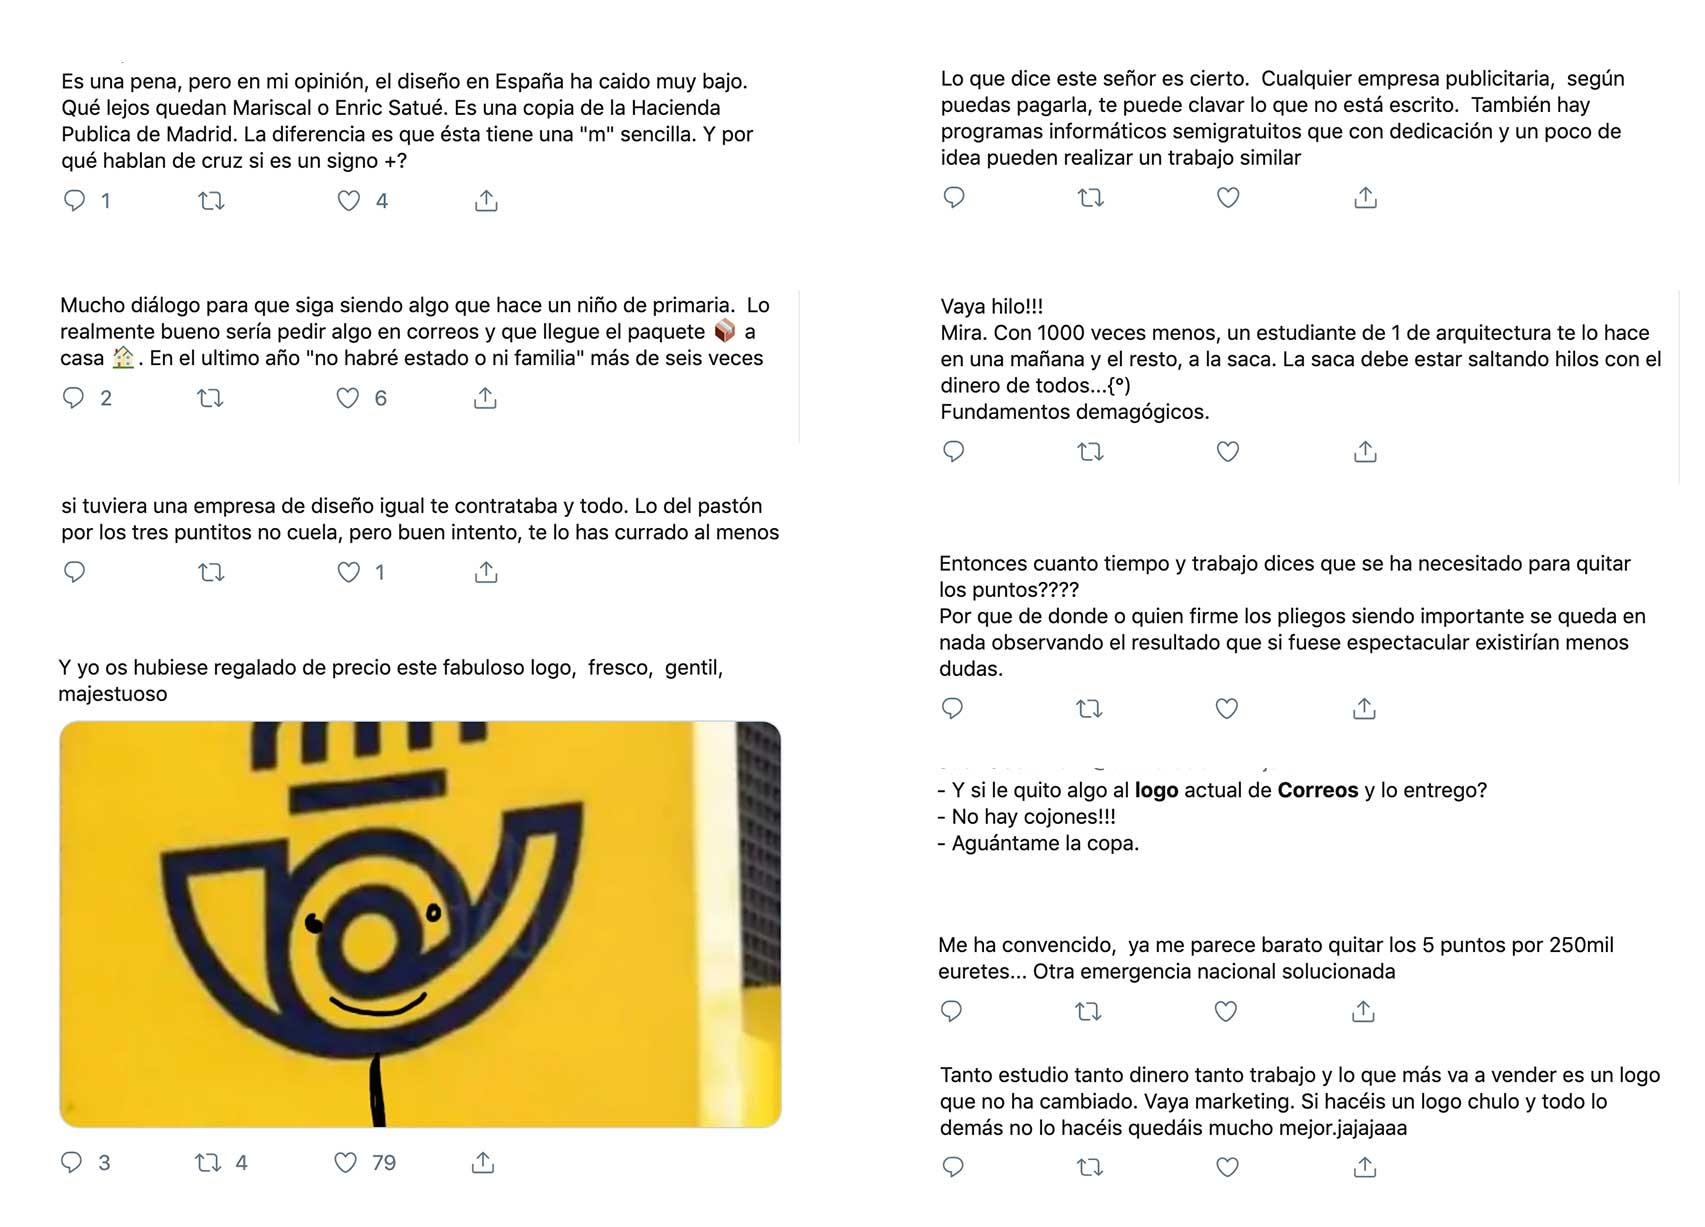 Opiniones sobre el logo de Correos